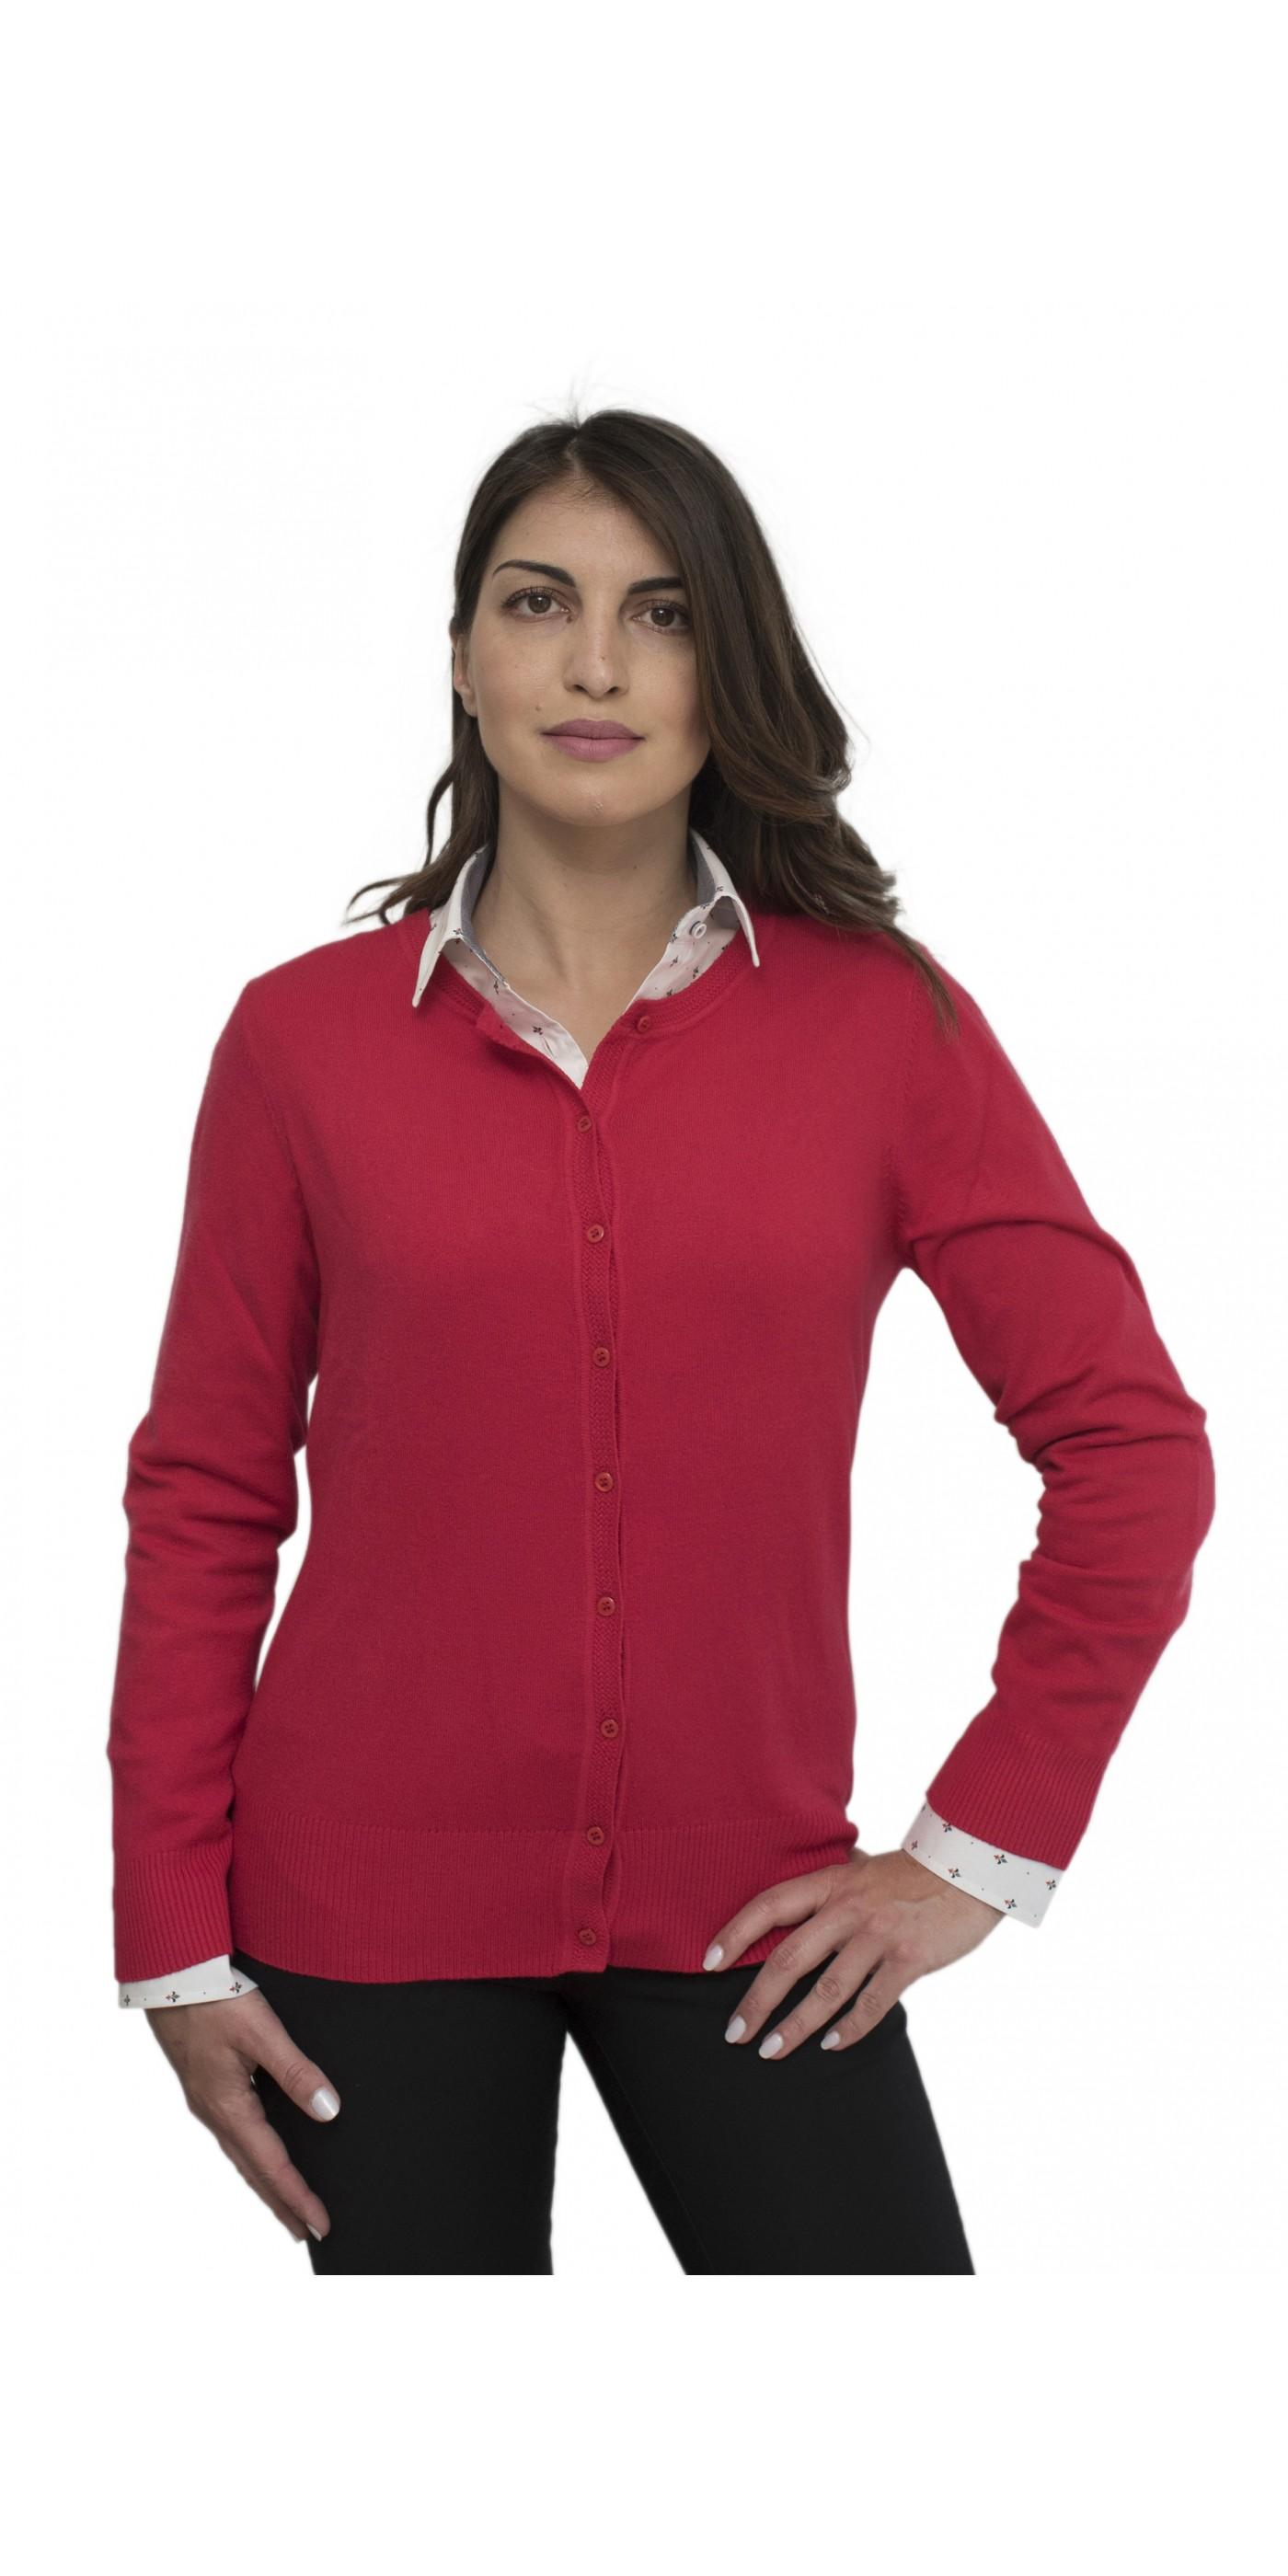 04a7bb384309 Κόκκινη απαλή γυναικεία ζακέτα με λαιμόκοψη. Loading zoom